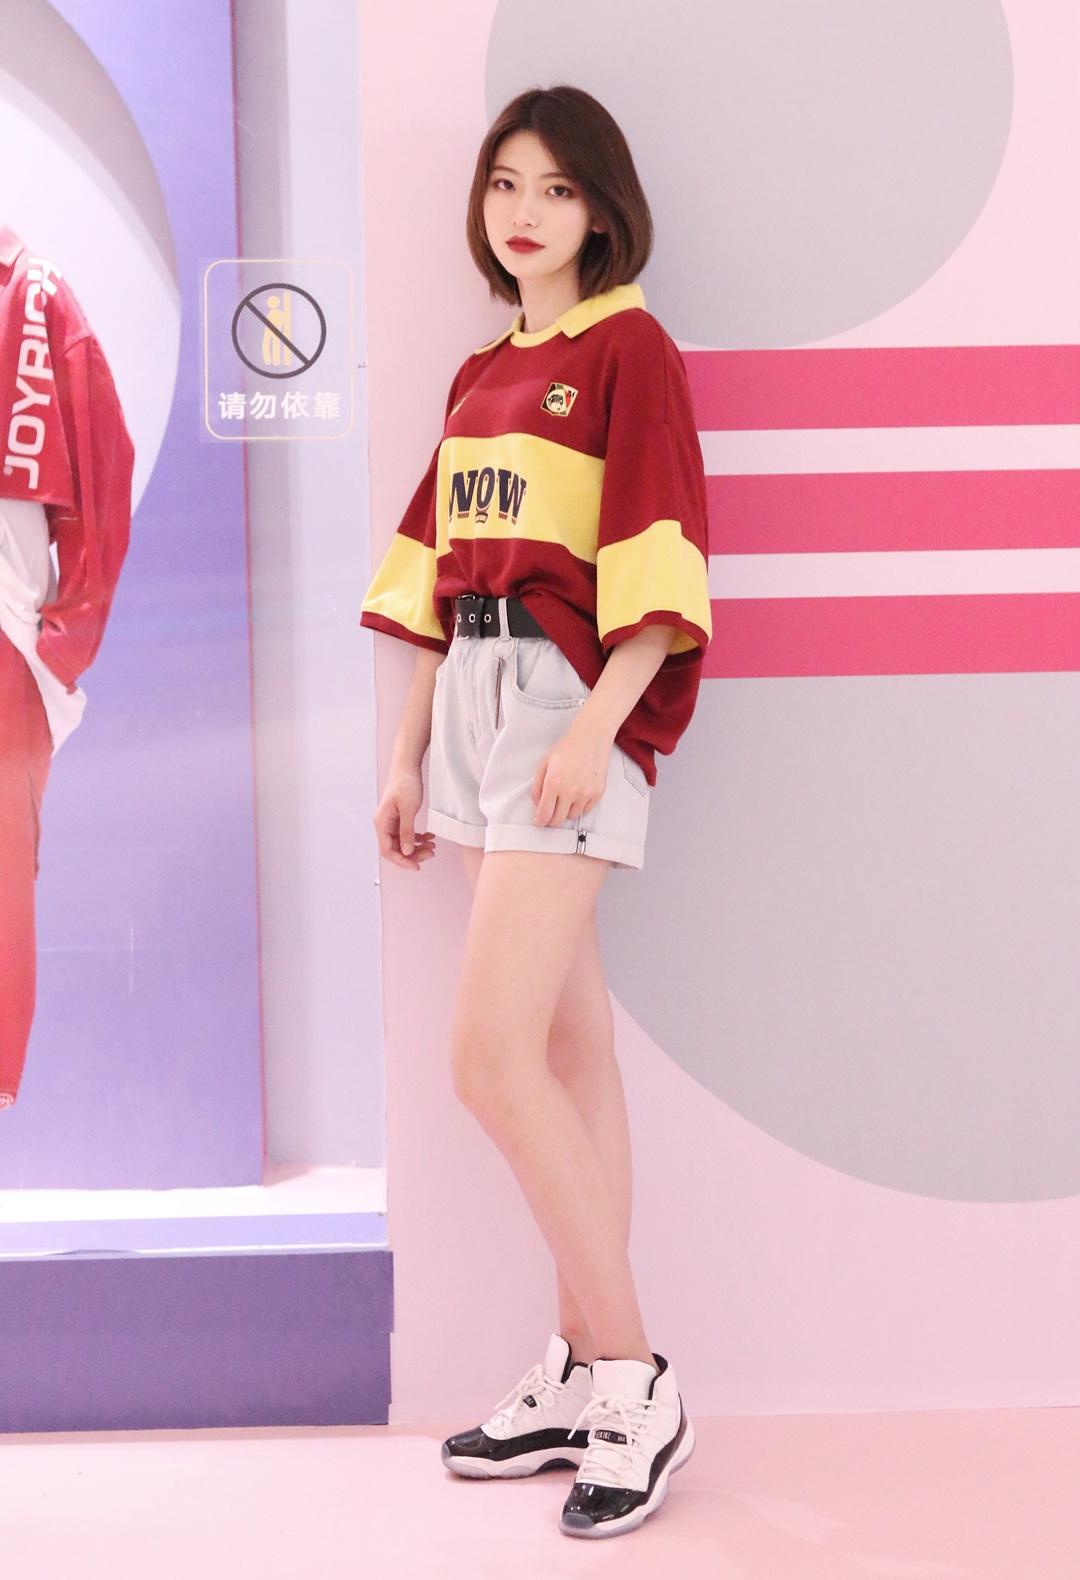 牛仔短裤搭配宽松的撞色T很有学院范儿,短裤的腰带下面有一串小钥匙装饰,让造型时尚指数直线上升,随意搭配运动鞋都十分起范儿。 #MOGU STUDIO x 杭州大悦城#